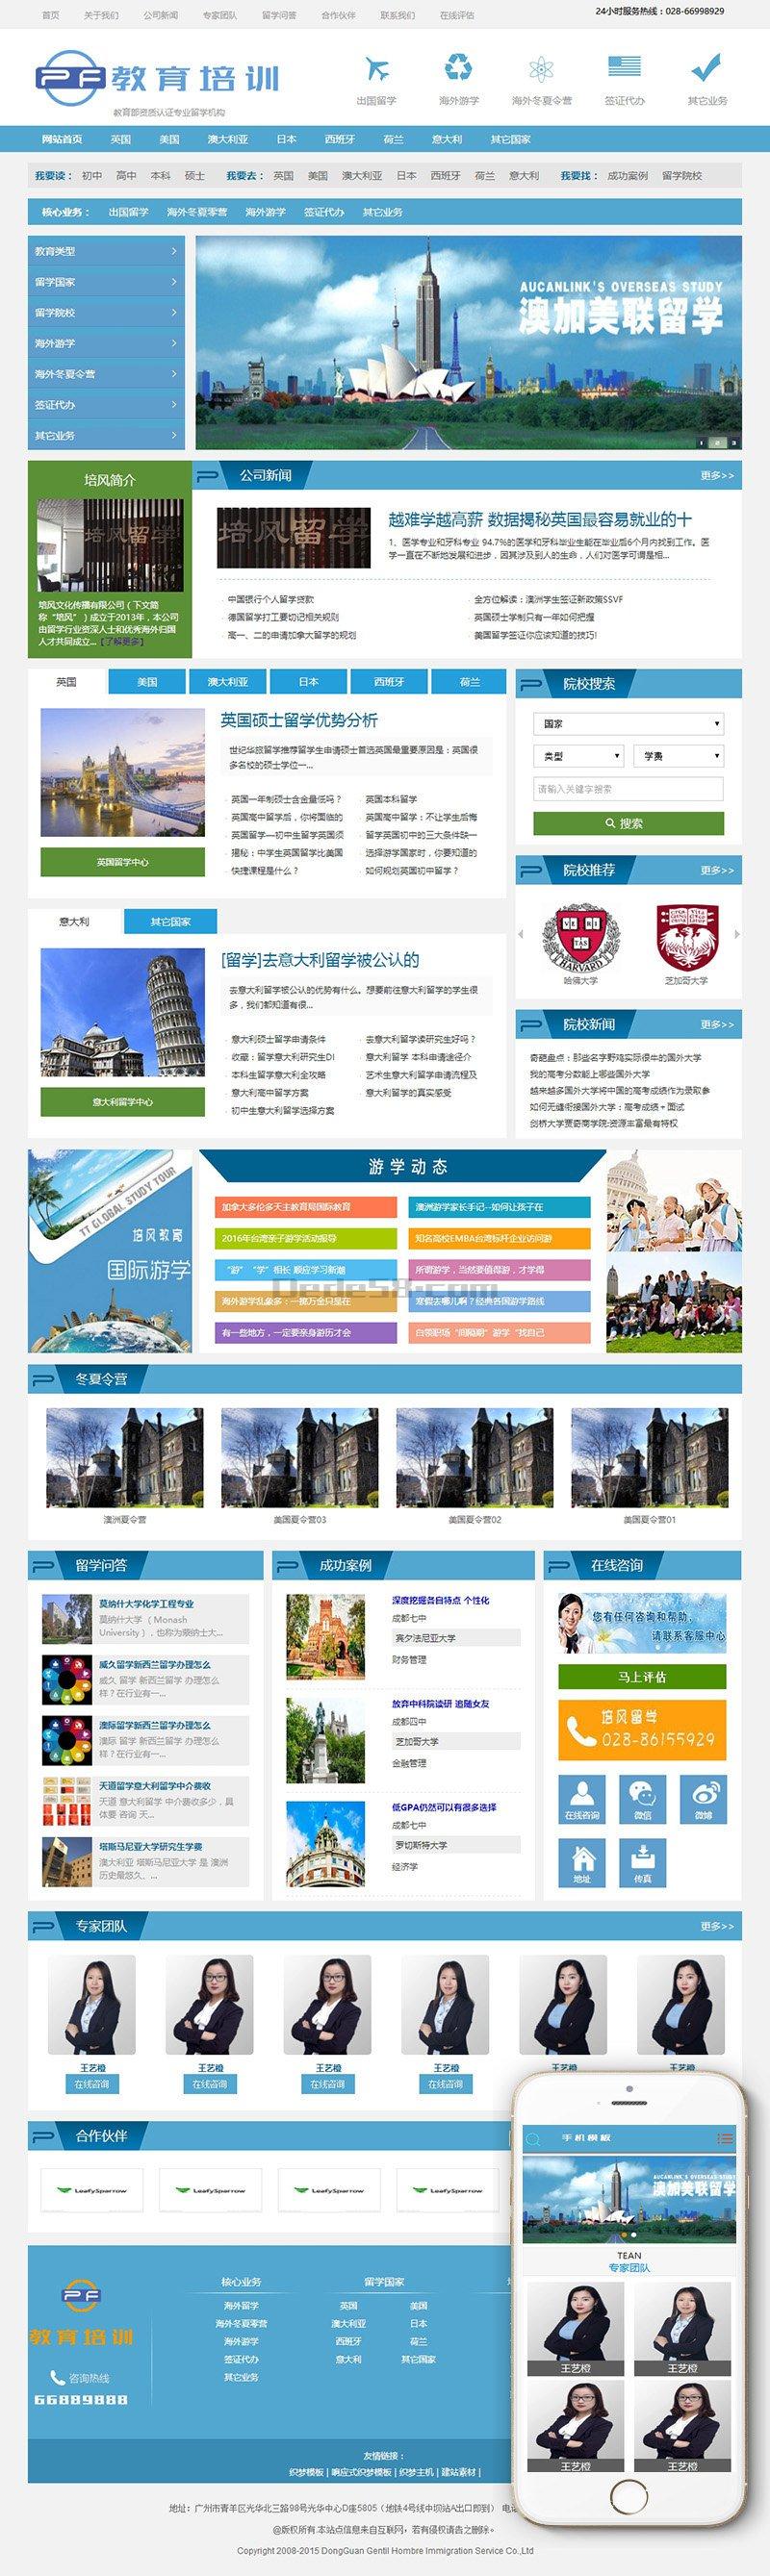 出国留学教育培训机构类网站织梦模板(带手机端)